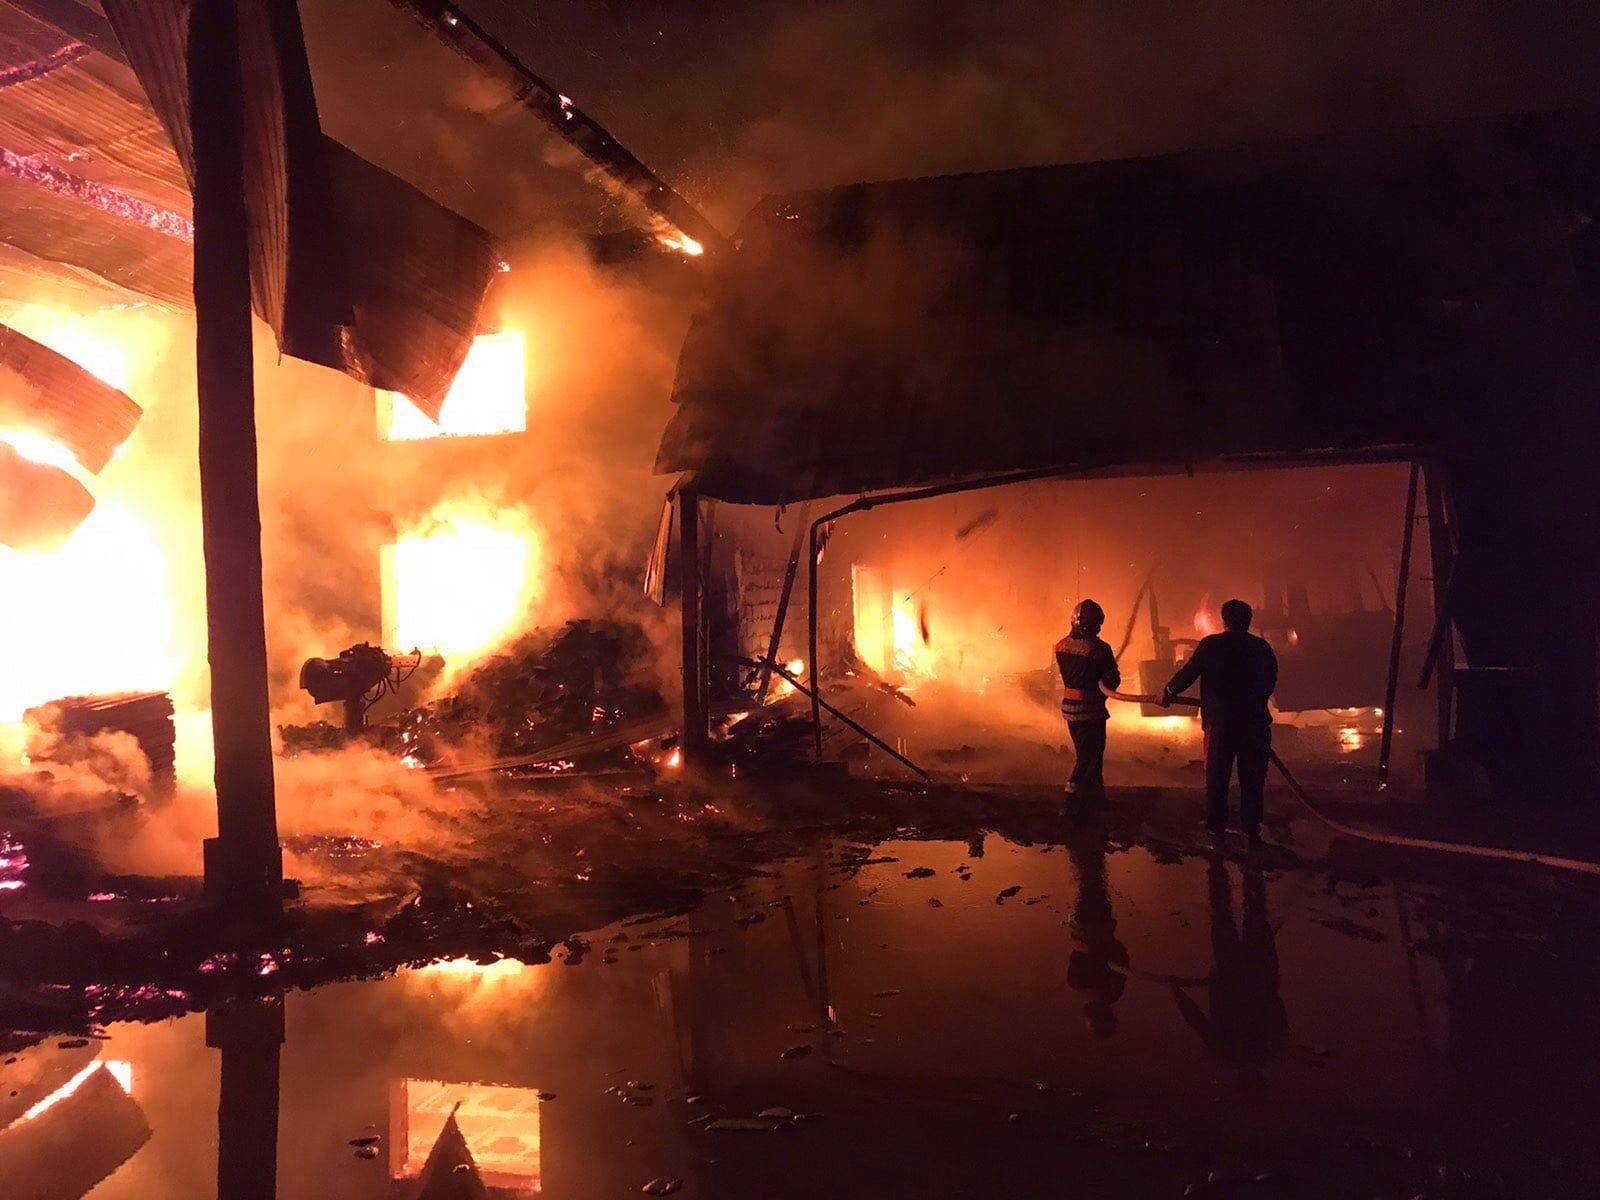 19 сентября в 01:03 в экстренную службу поступило сообщение о пожаре в селе Дубово Тячевского района. На ул. Загорелось здание деревообрабатывающего завода и сарай.